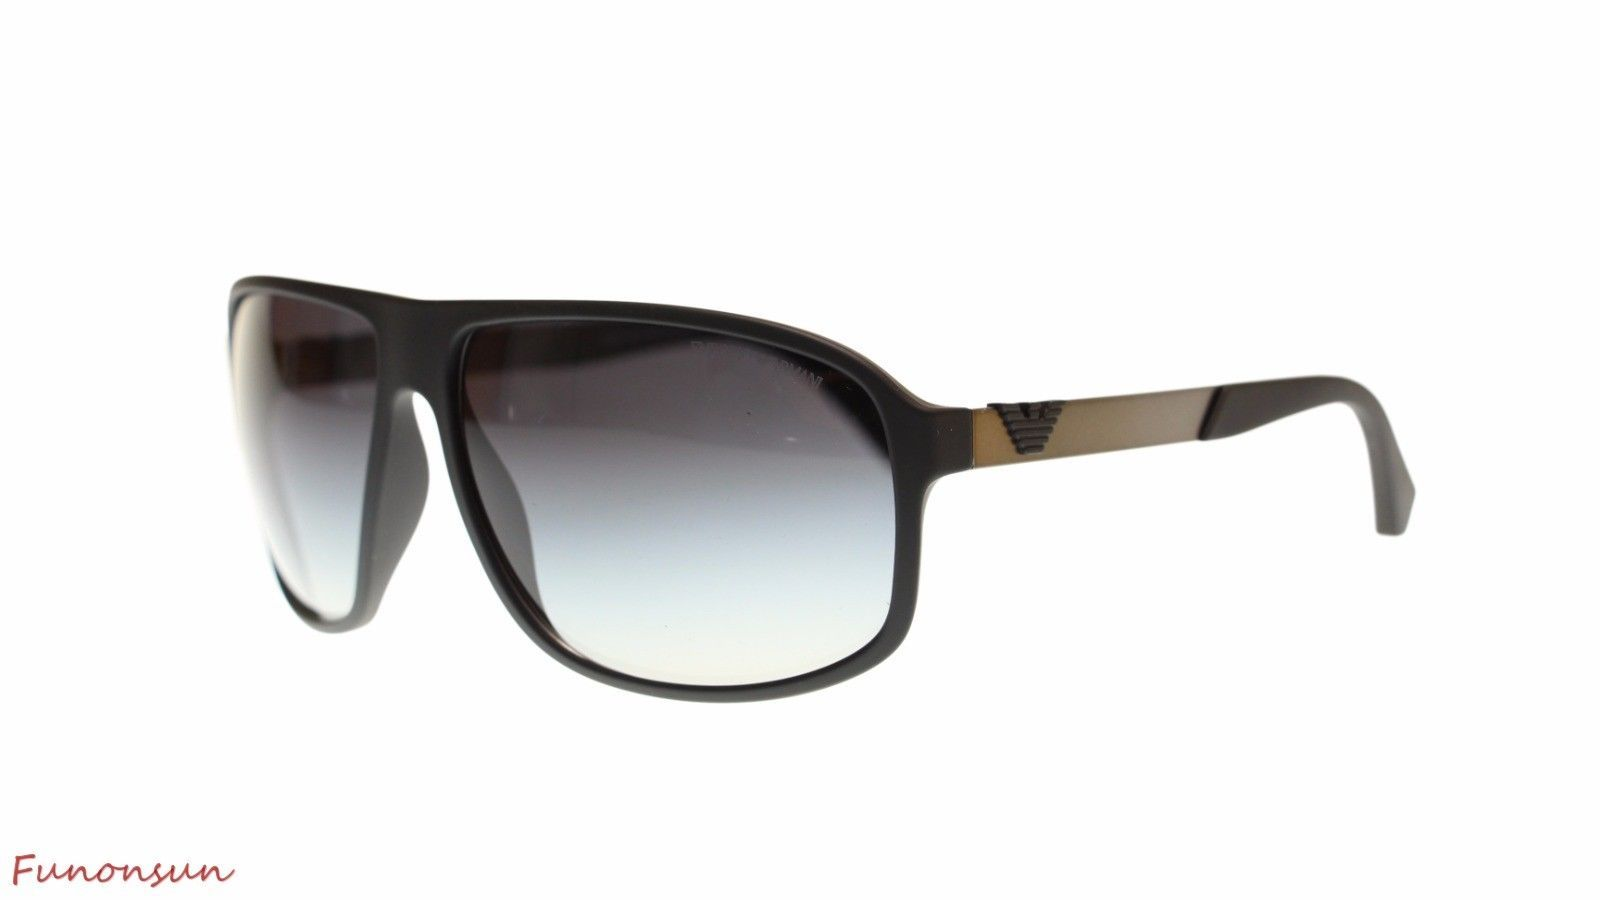 3508086eace S l1600. S l1600. Previous. Emporio Armani Men s Sunglasses EA4029 5063T3  Black Grey Gradient Polarized Lens